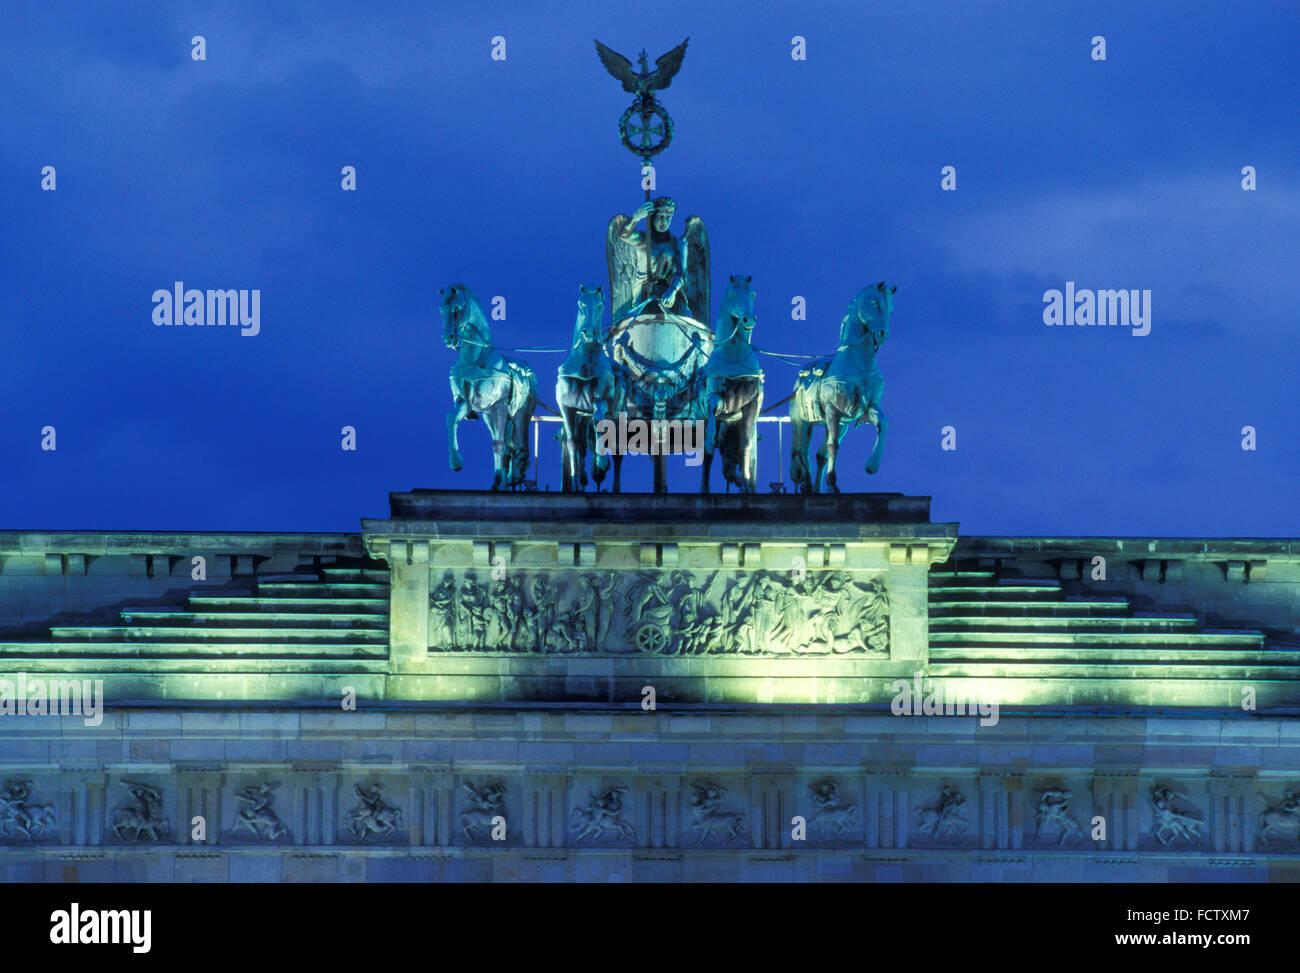 L'Europa, Germania, Berlino, la quadriga della Porta di Brandeburgo. Europa, Deutschland, Berlino, Die Quadriga Immagini Stock